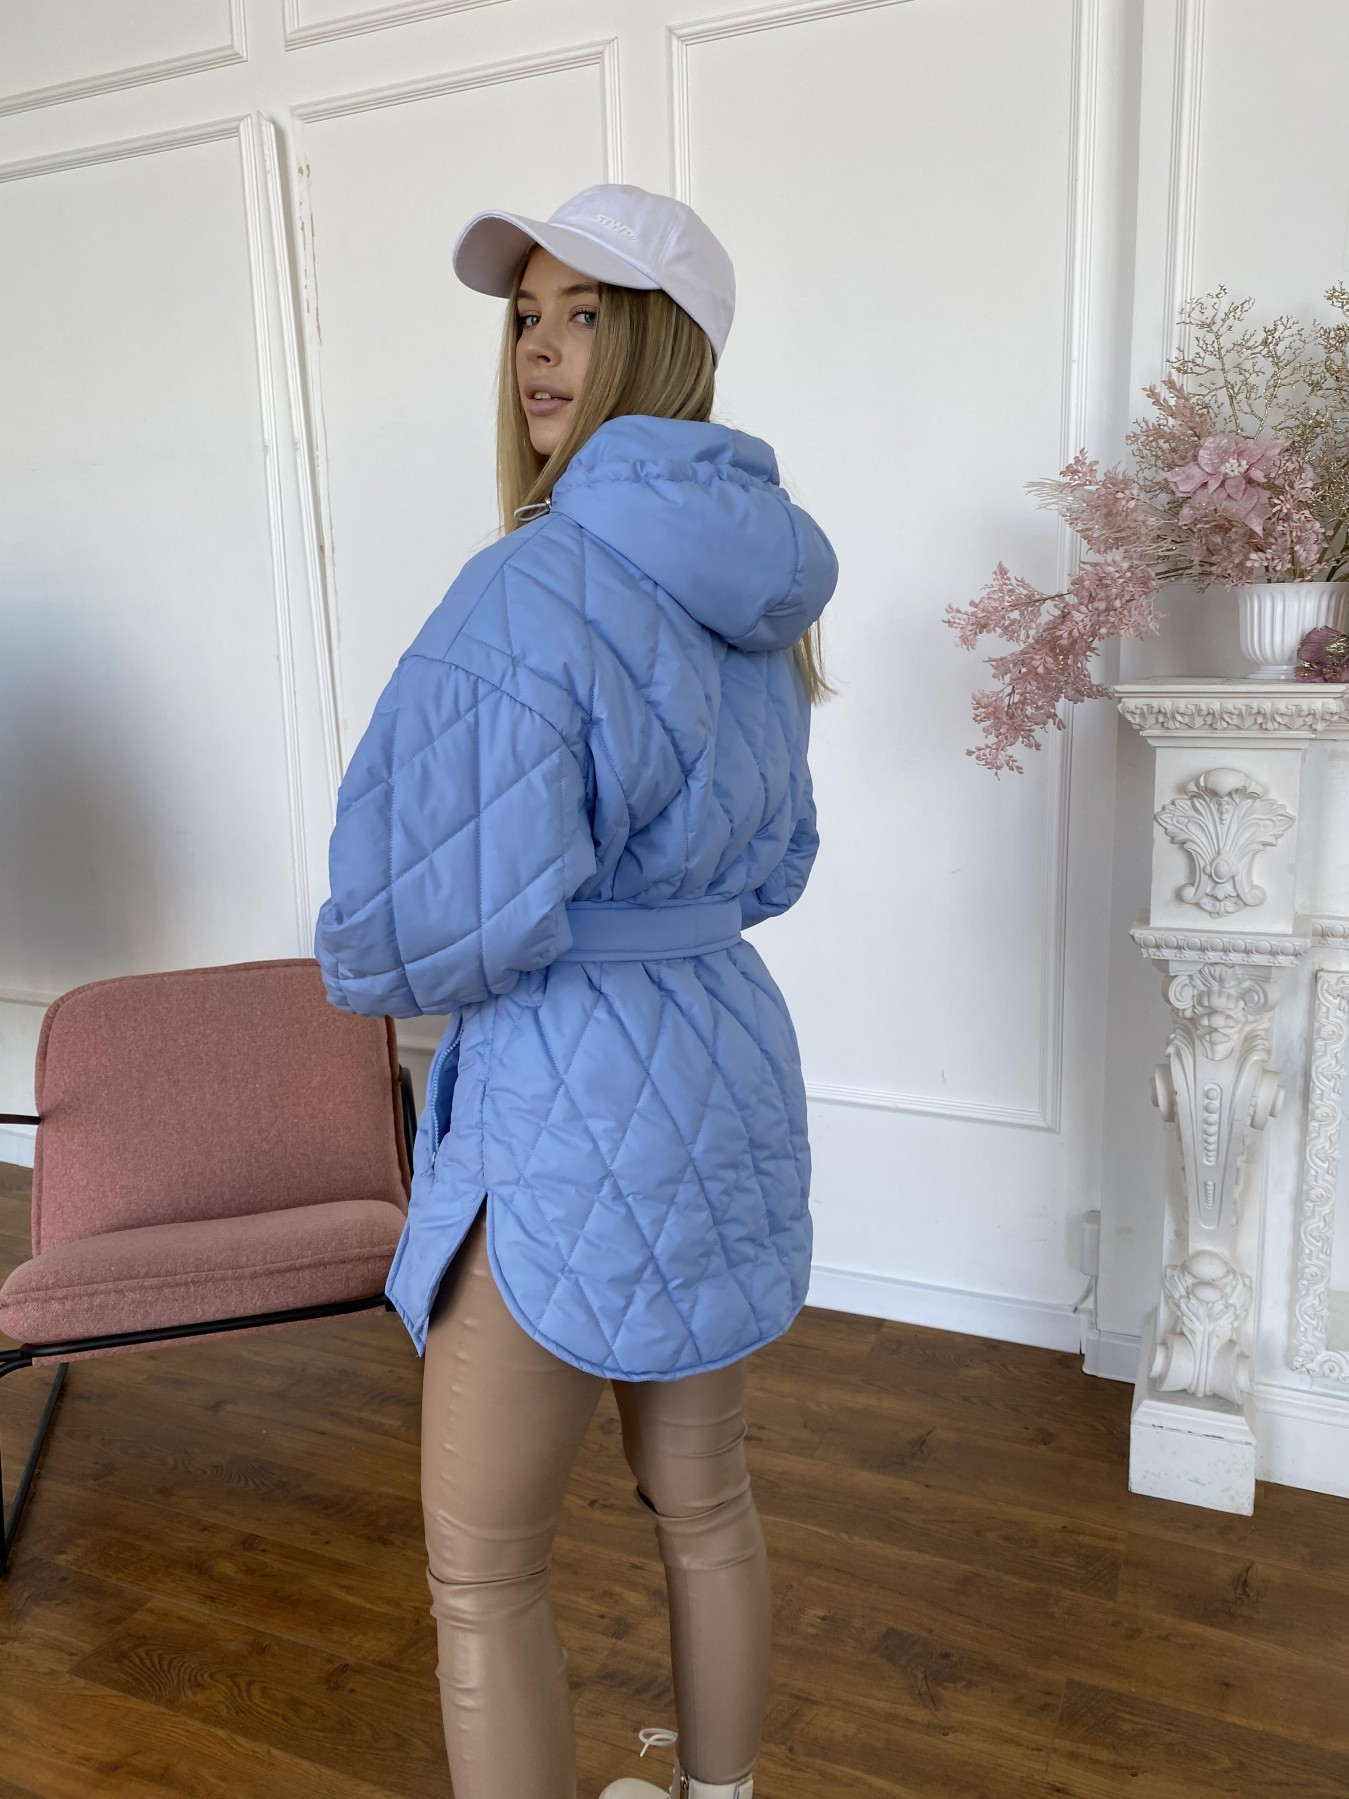 Пазл стеганая куртка из плащевки 10890 АРТ. 47424 Цвет: Голубой - фото 10, интернет магазин tm-modus.ru